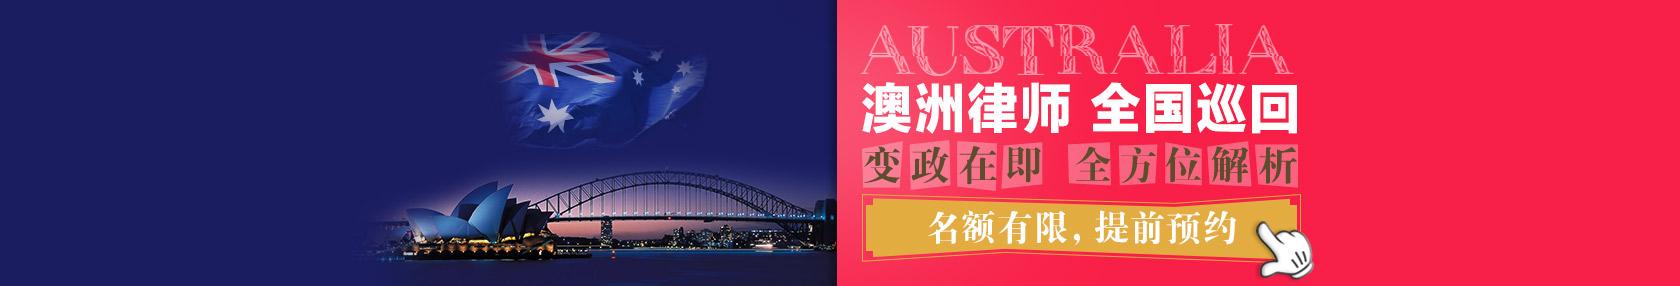 【活动】环球出国澳洲移民律师全方位解析澳洲移民变政,名额有限,提前预约